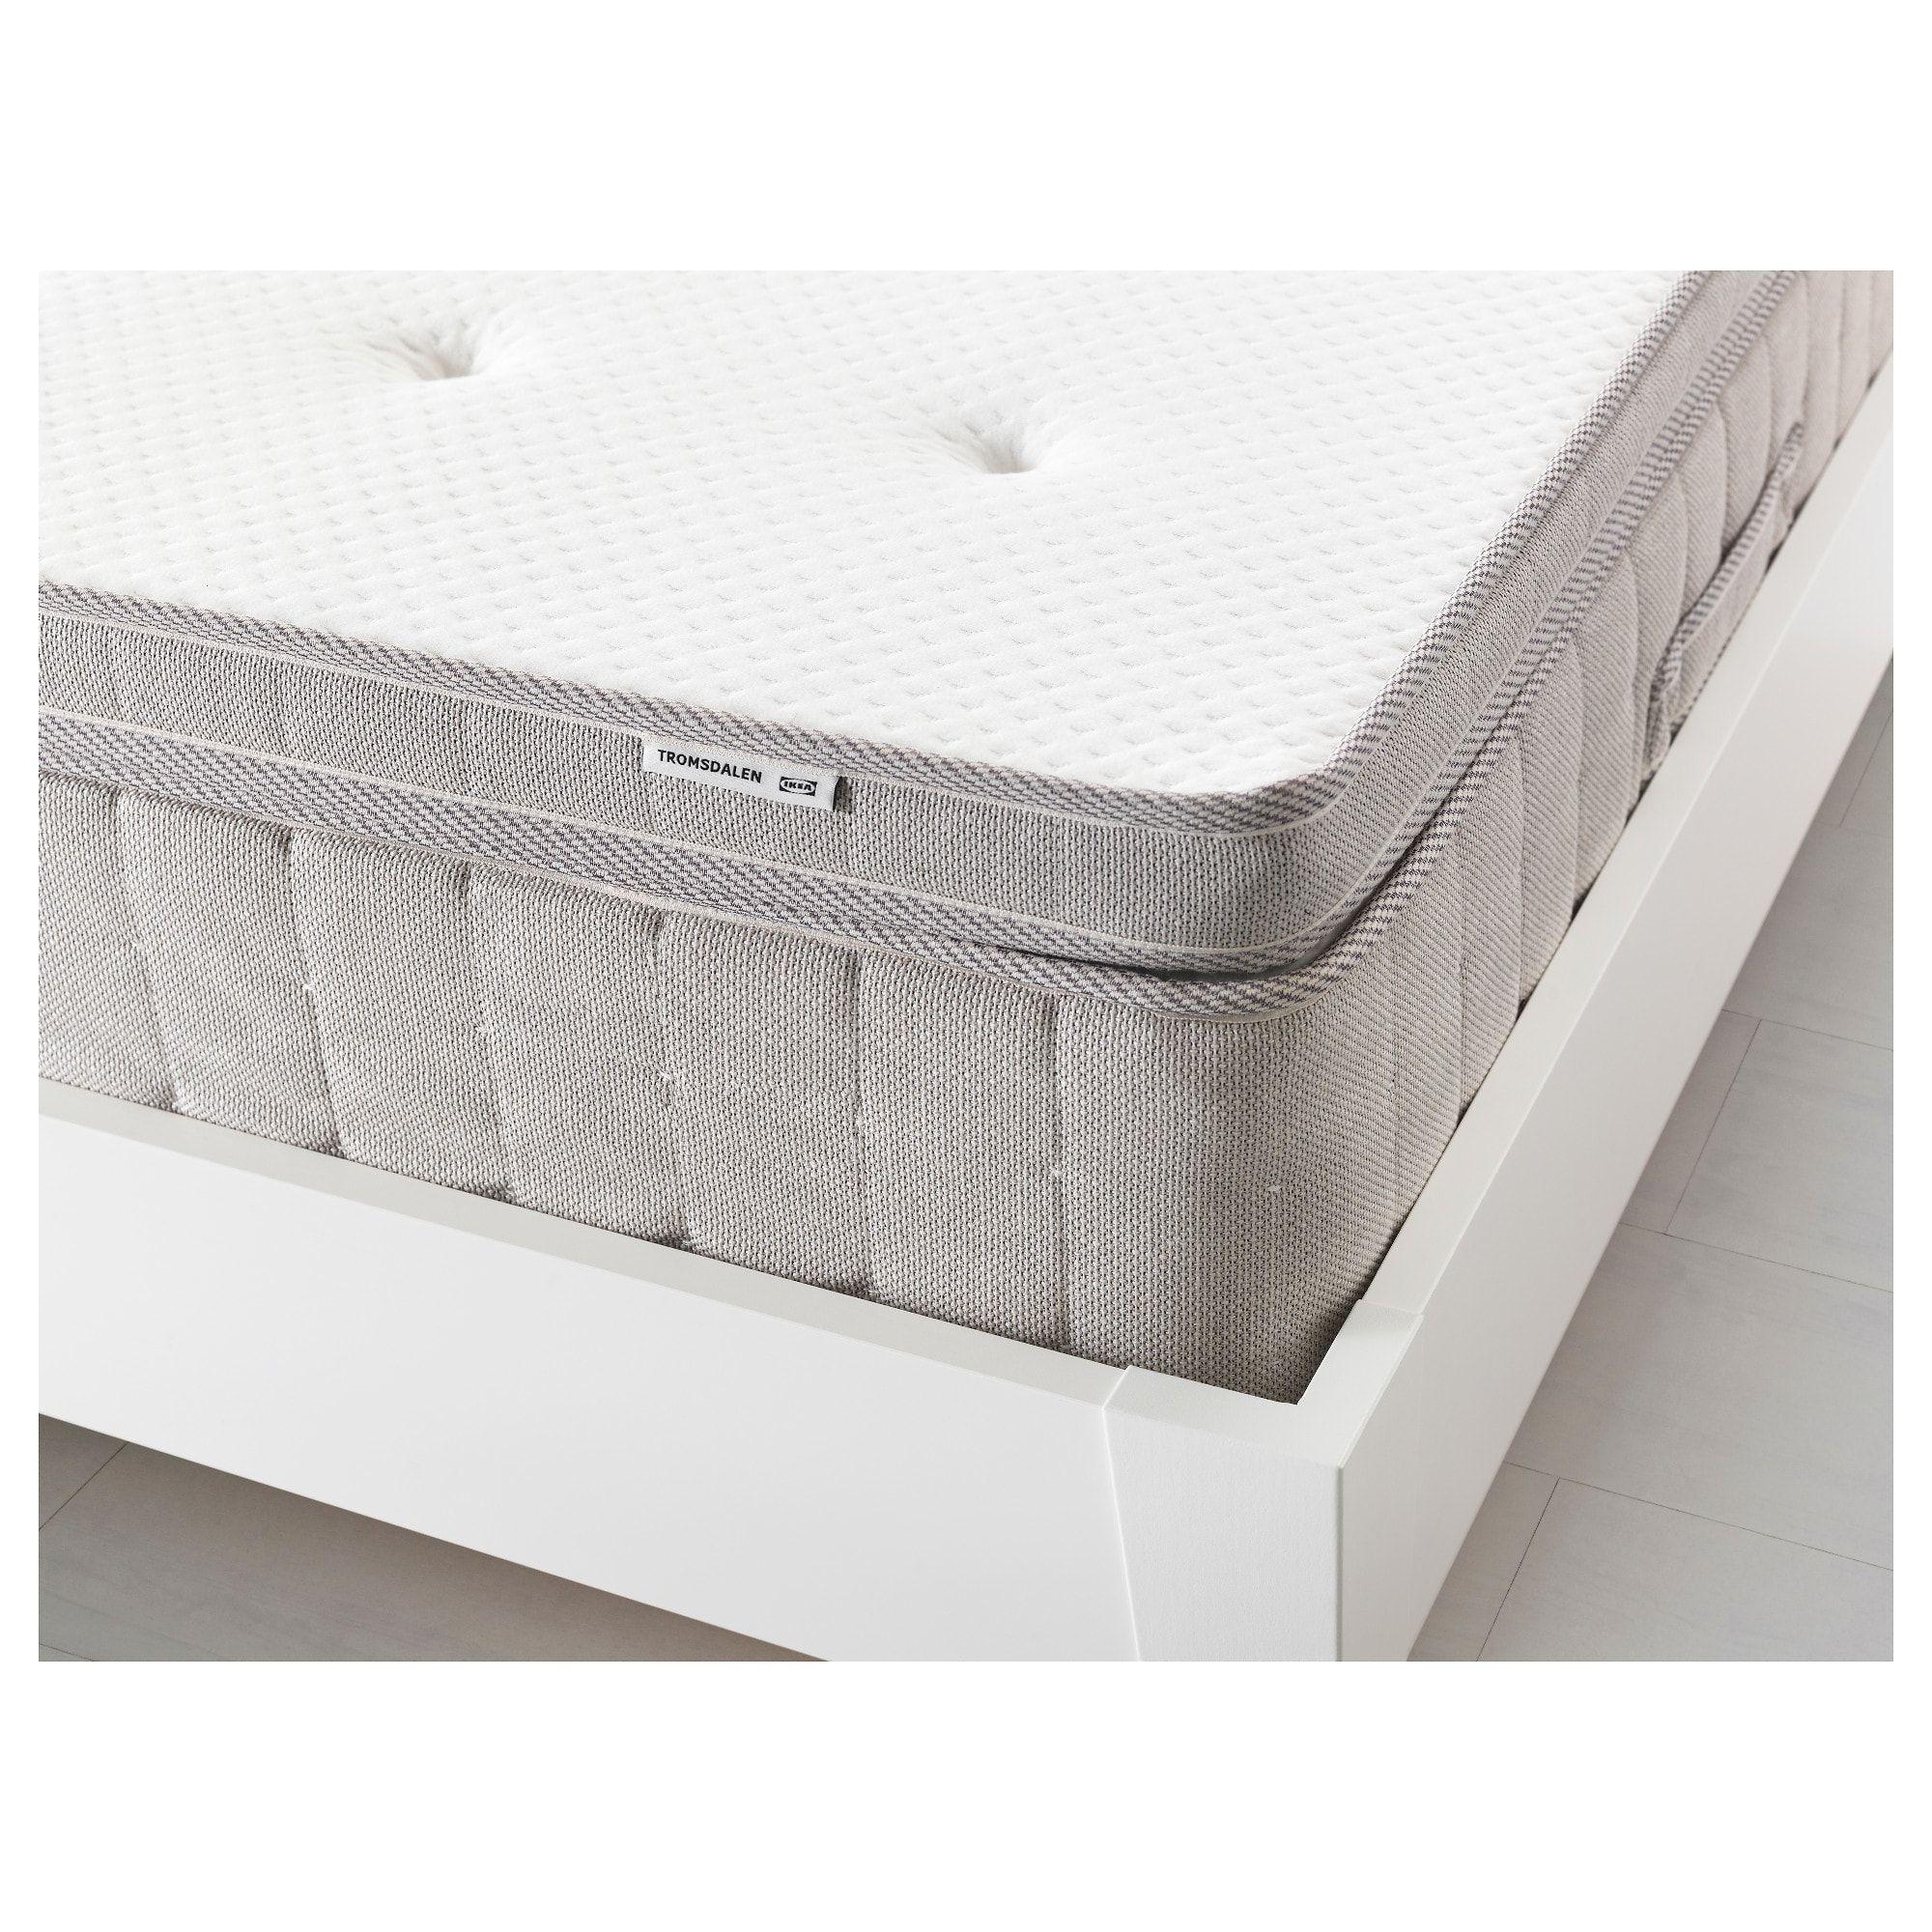 Meubles Et Accessoires Pillow Top Mattress Pad Ikea Mattress